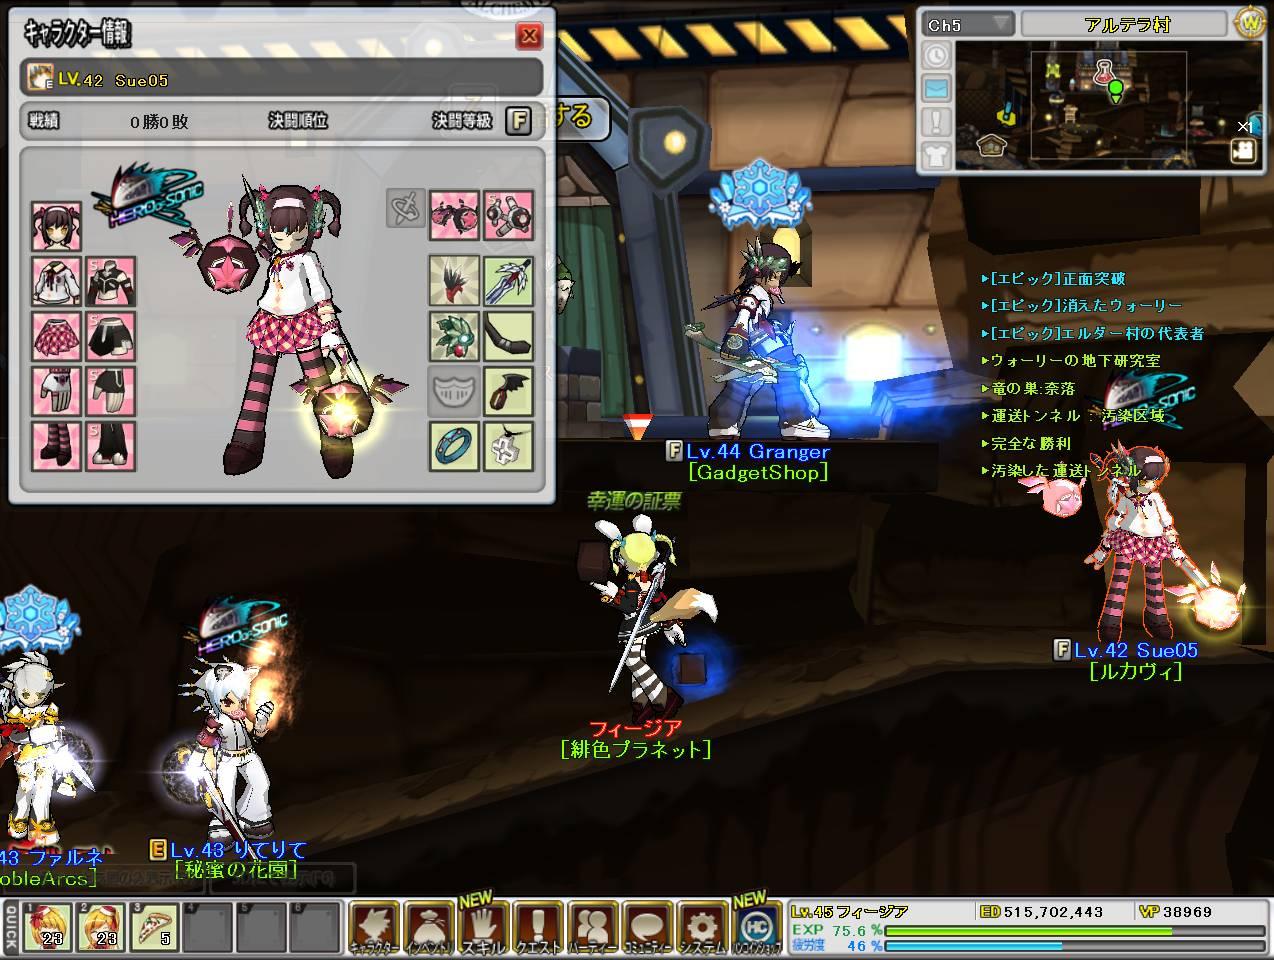 SC_2010_12_20_13_39_9_.jpg